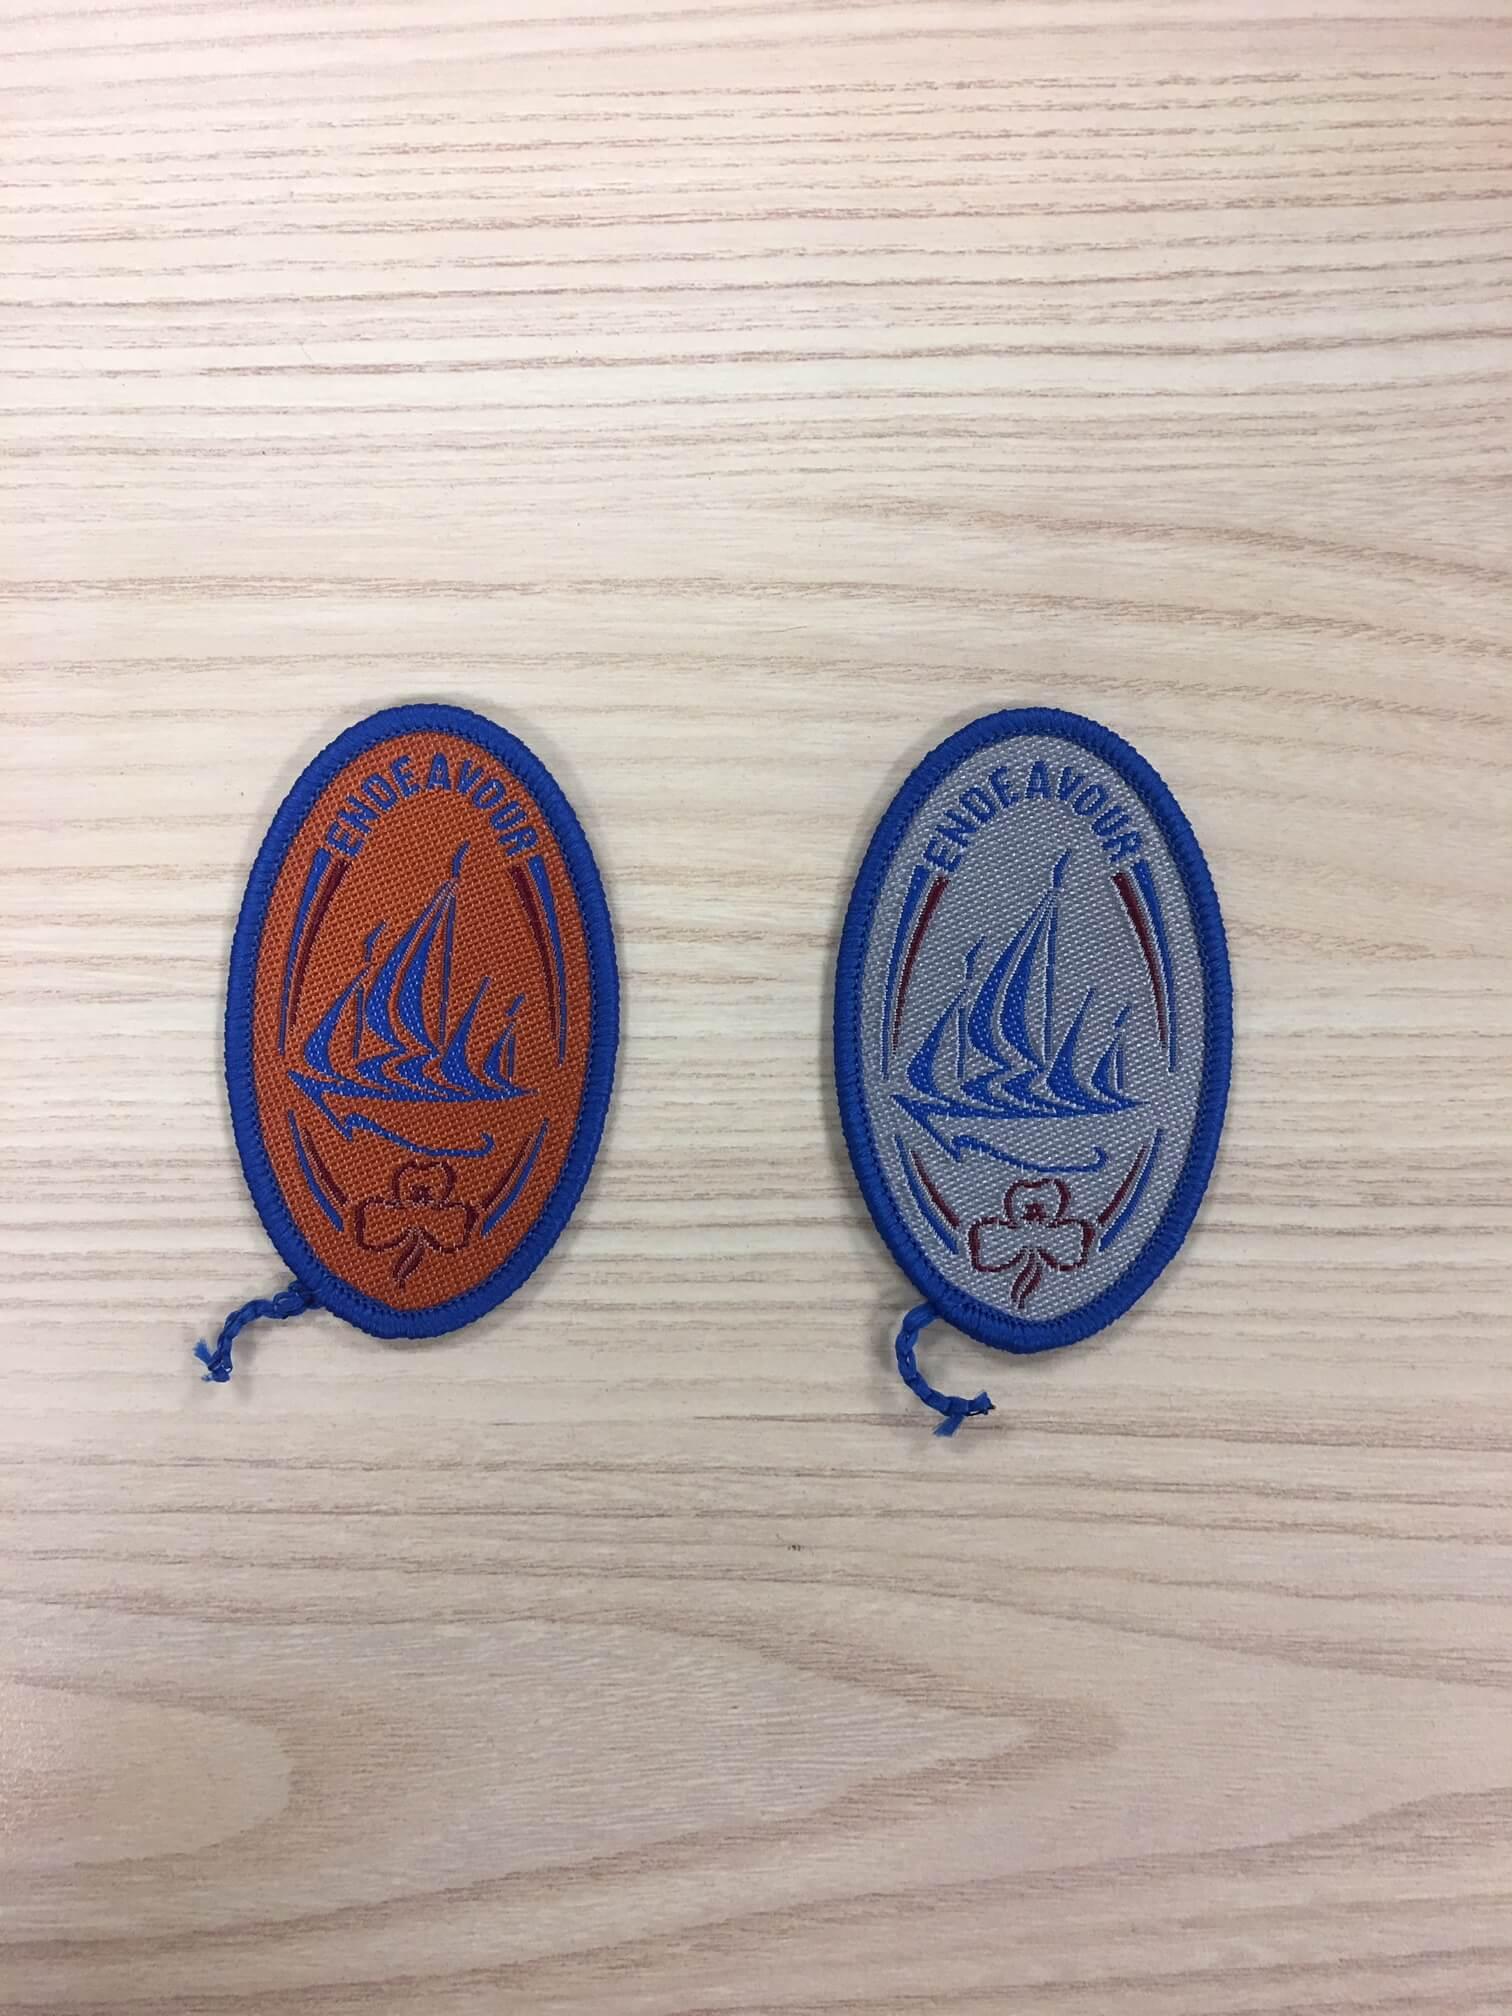 Endeavour Badges